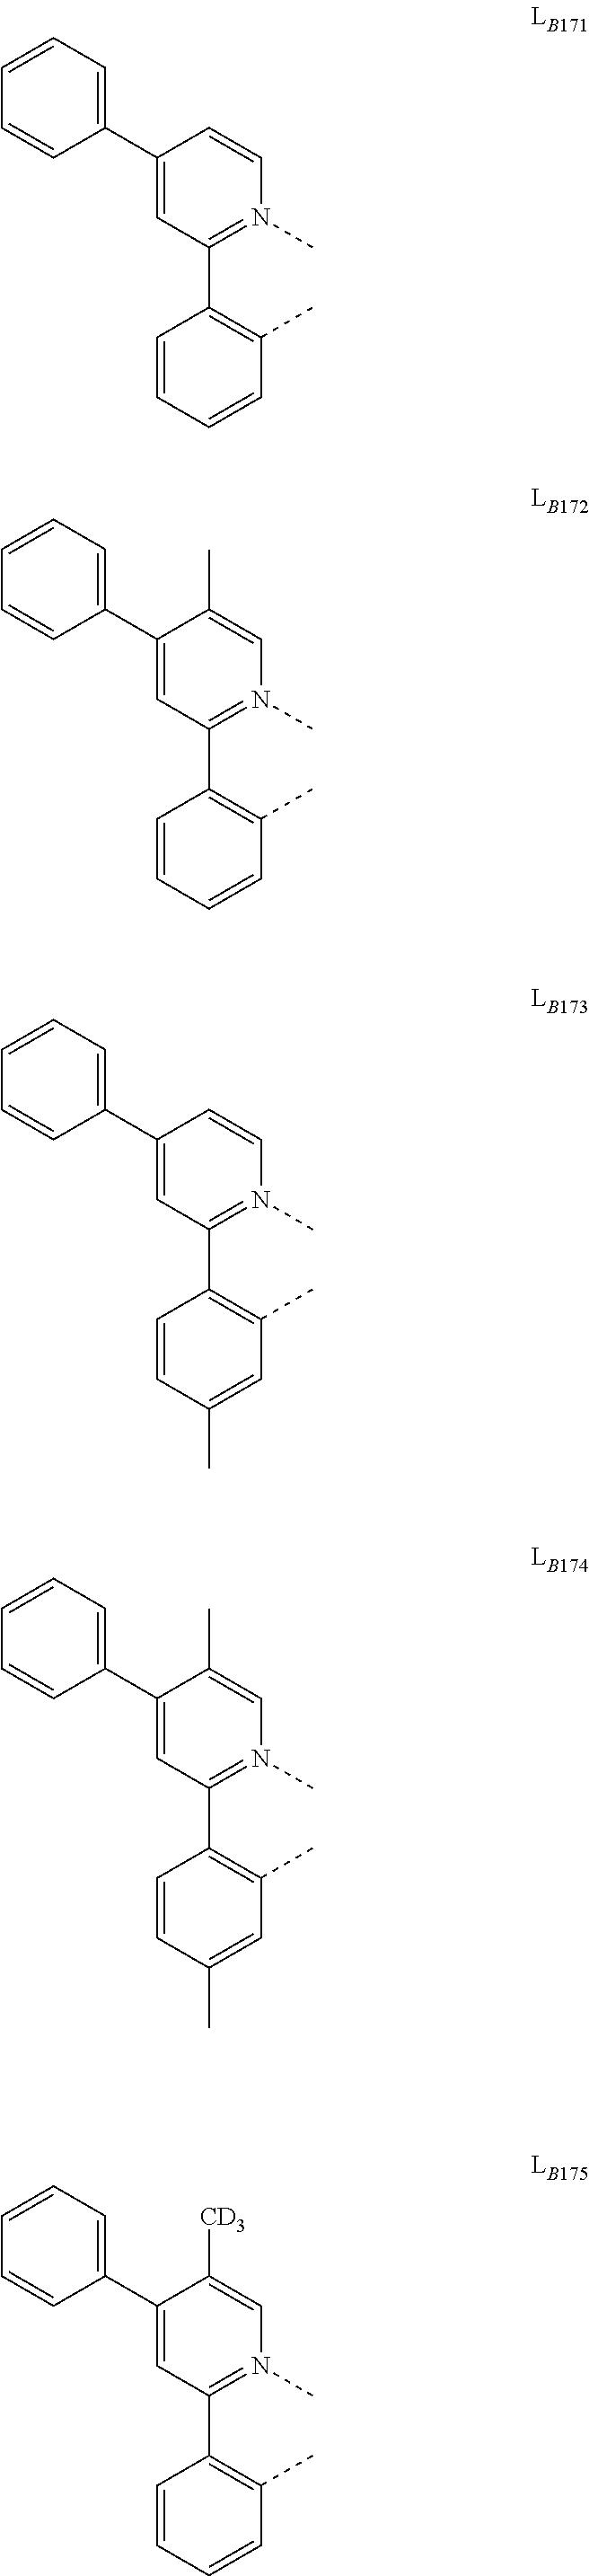 Figure US09929360-20180327-C00074